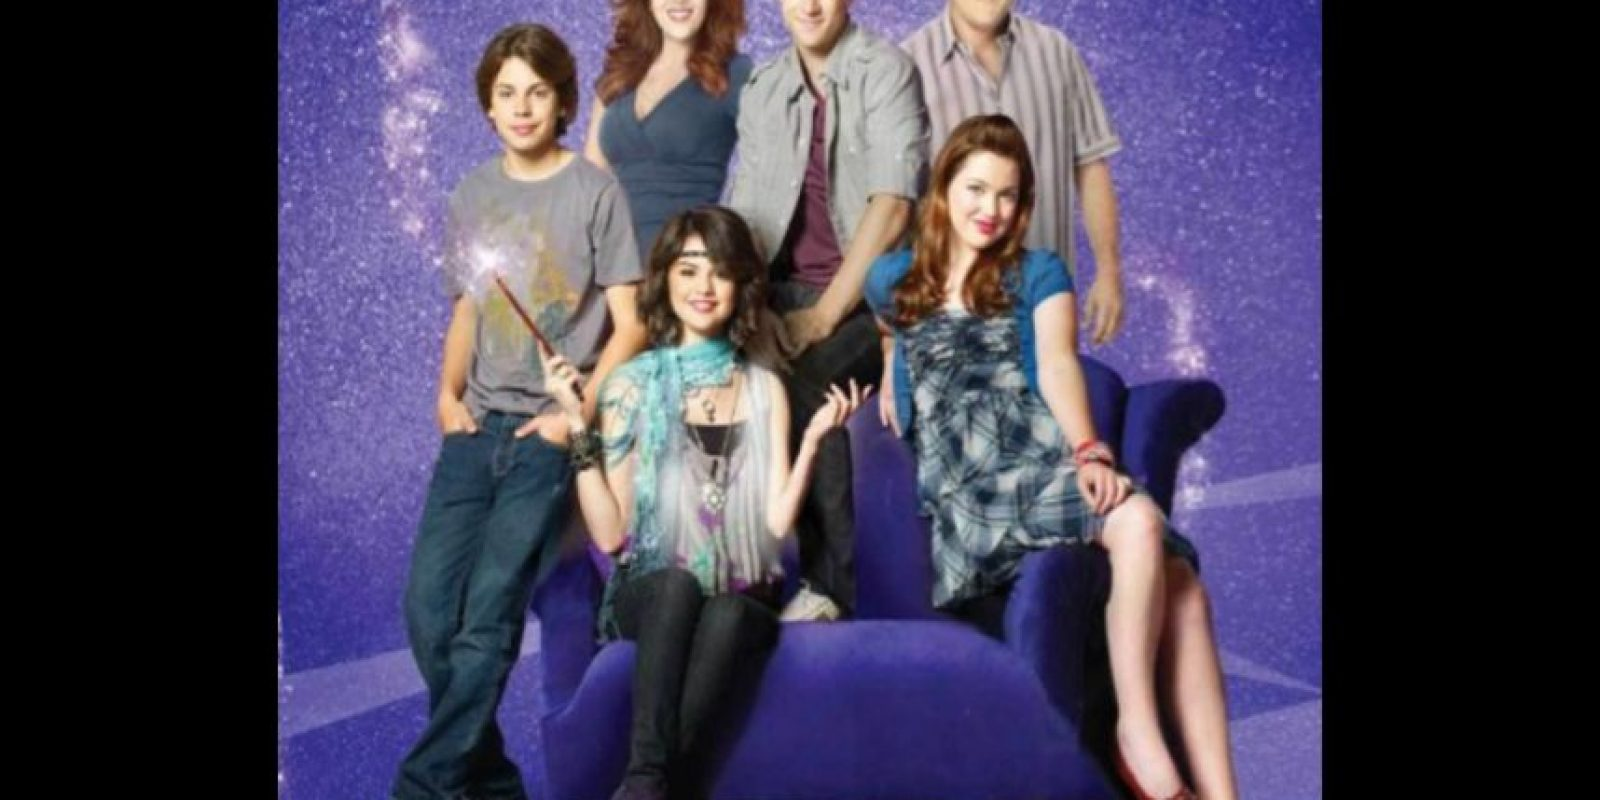 """""""Los Hechiceros de Waverly Place"""" era una famila ítalo-mexicana de apellido """"Russo"""" Foto:Disney"""